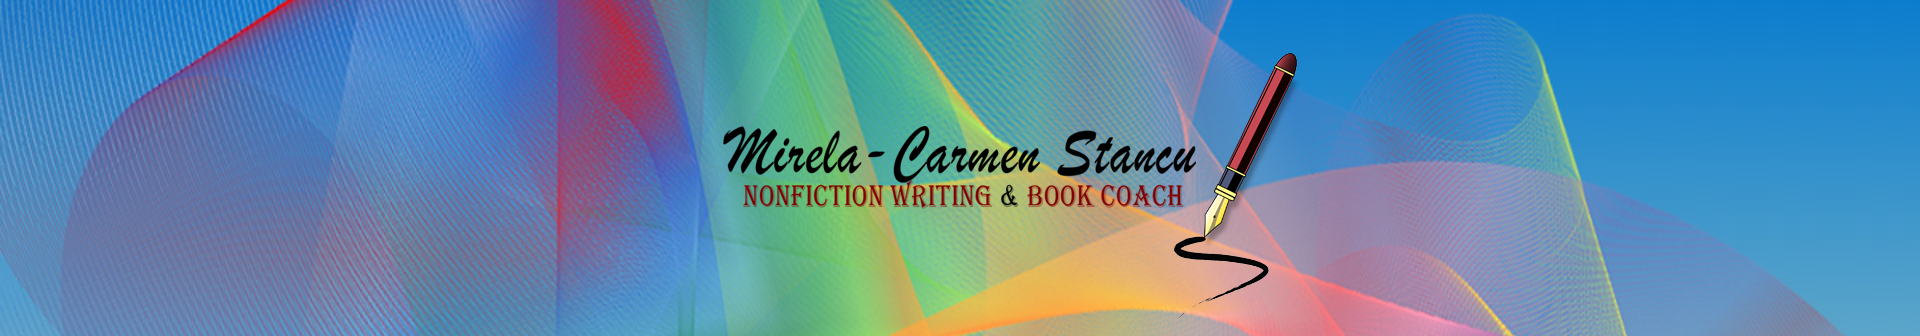 Nonfiction Writing & Book Coach